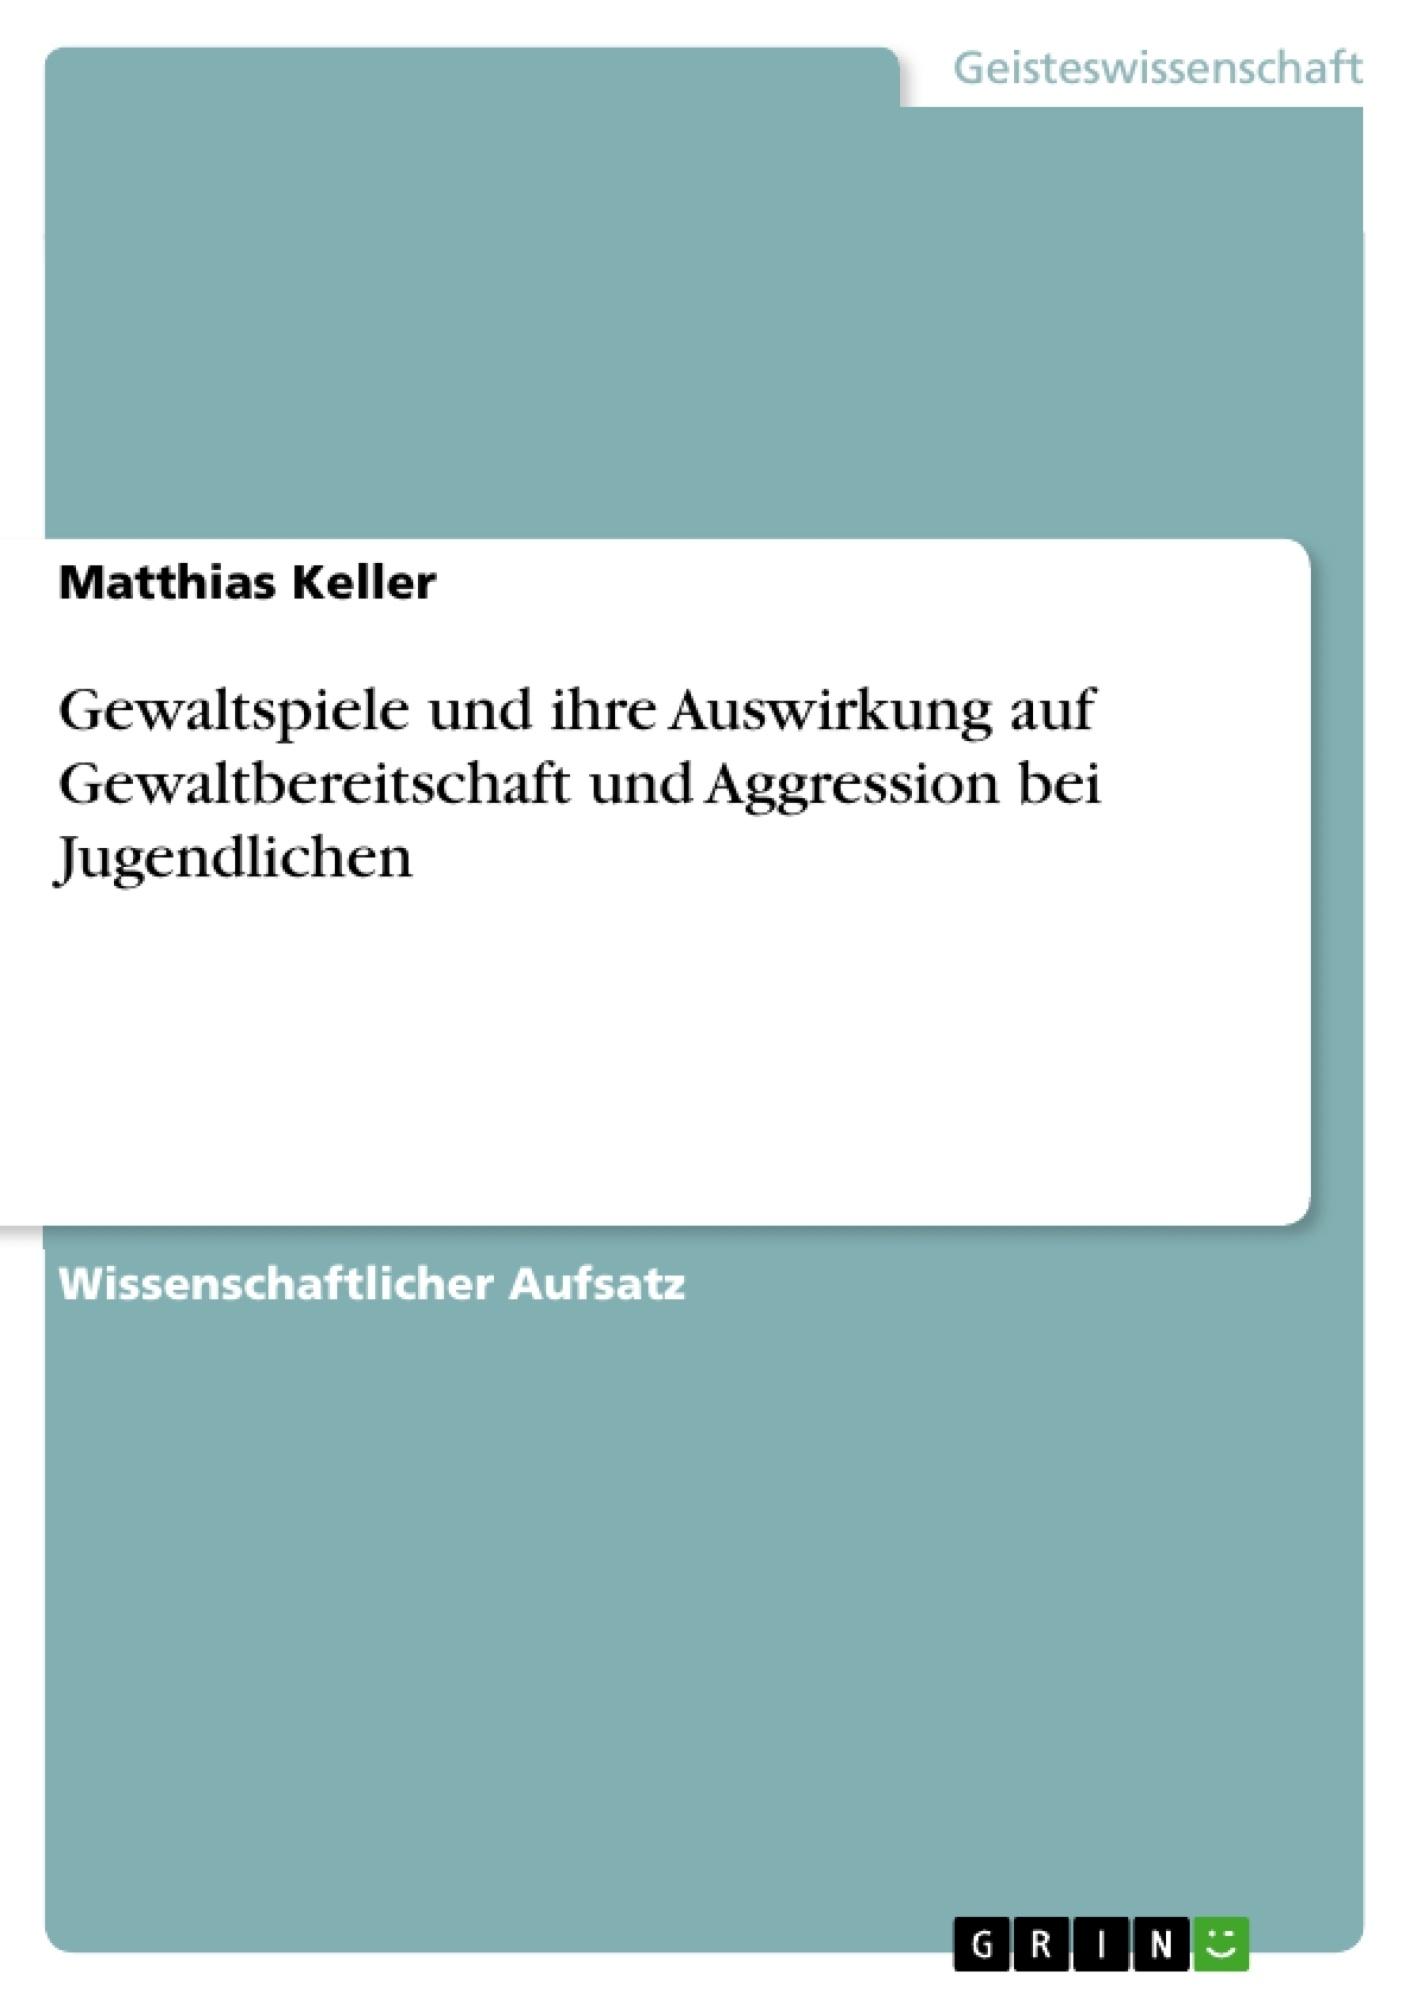 Titel: Gewaltspiele und ihre Auswirkung auf Gewaltbereitschaft und Aggression bei Jugendlichen